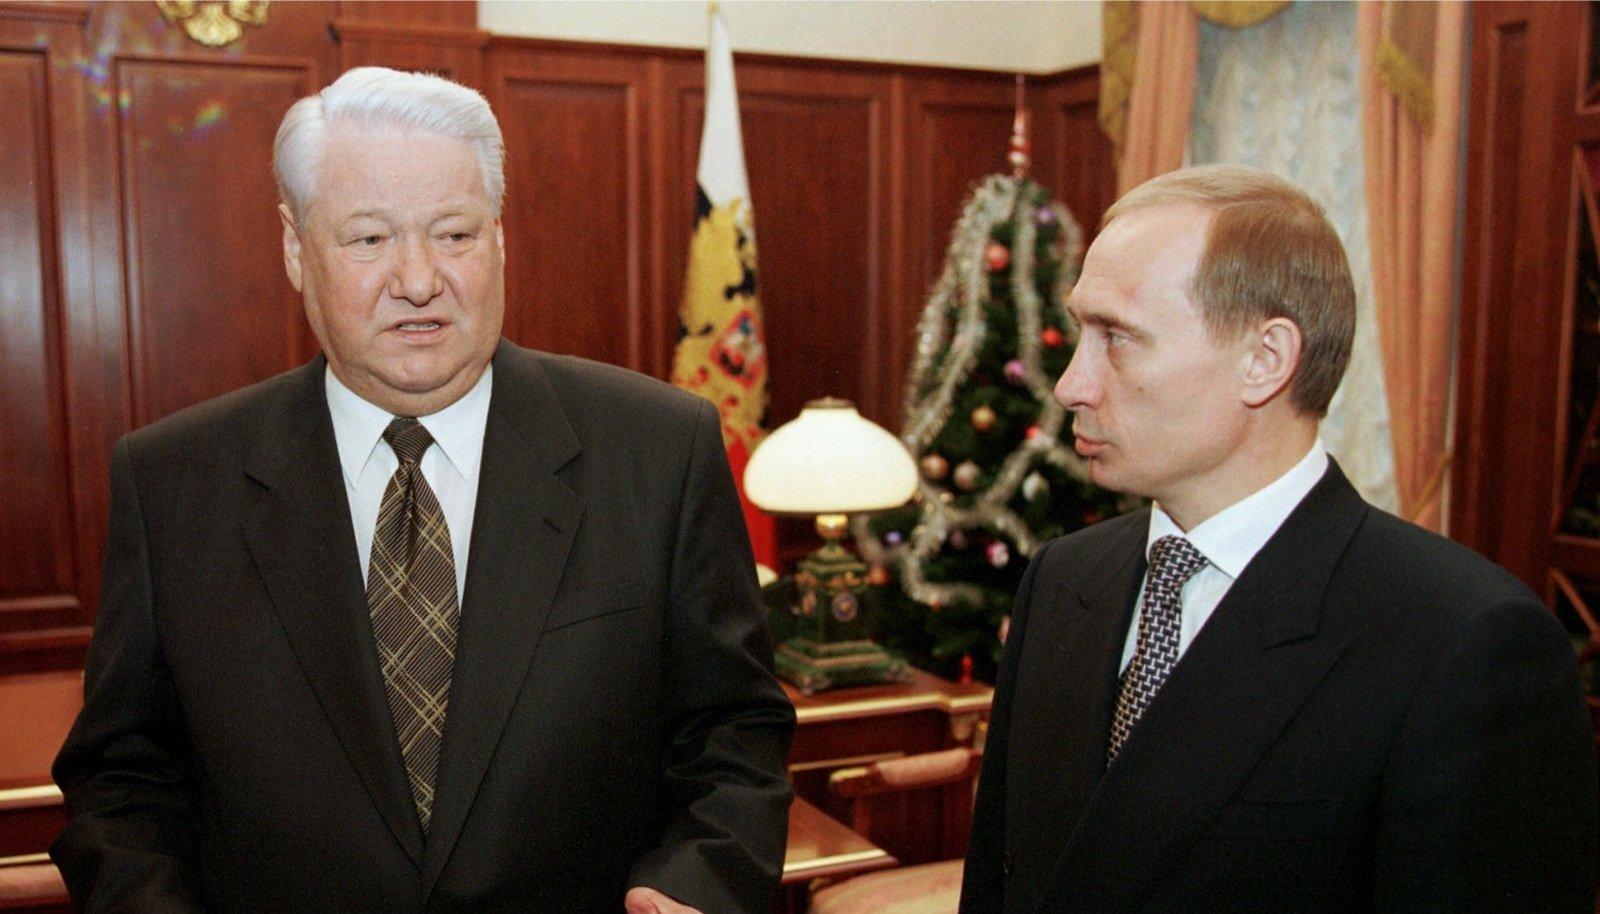 Boriss Jeltsin ja Vladimir Putin 1999. aasta viimasel päeval enne lõplikku võimuvahetust.